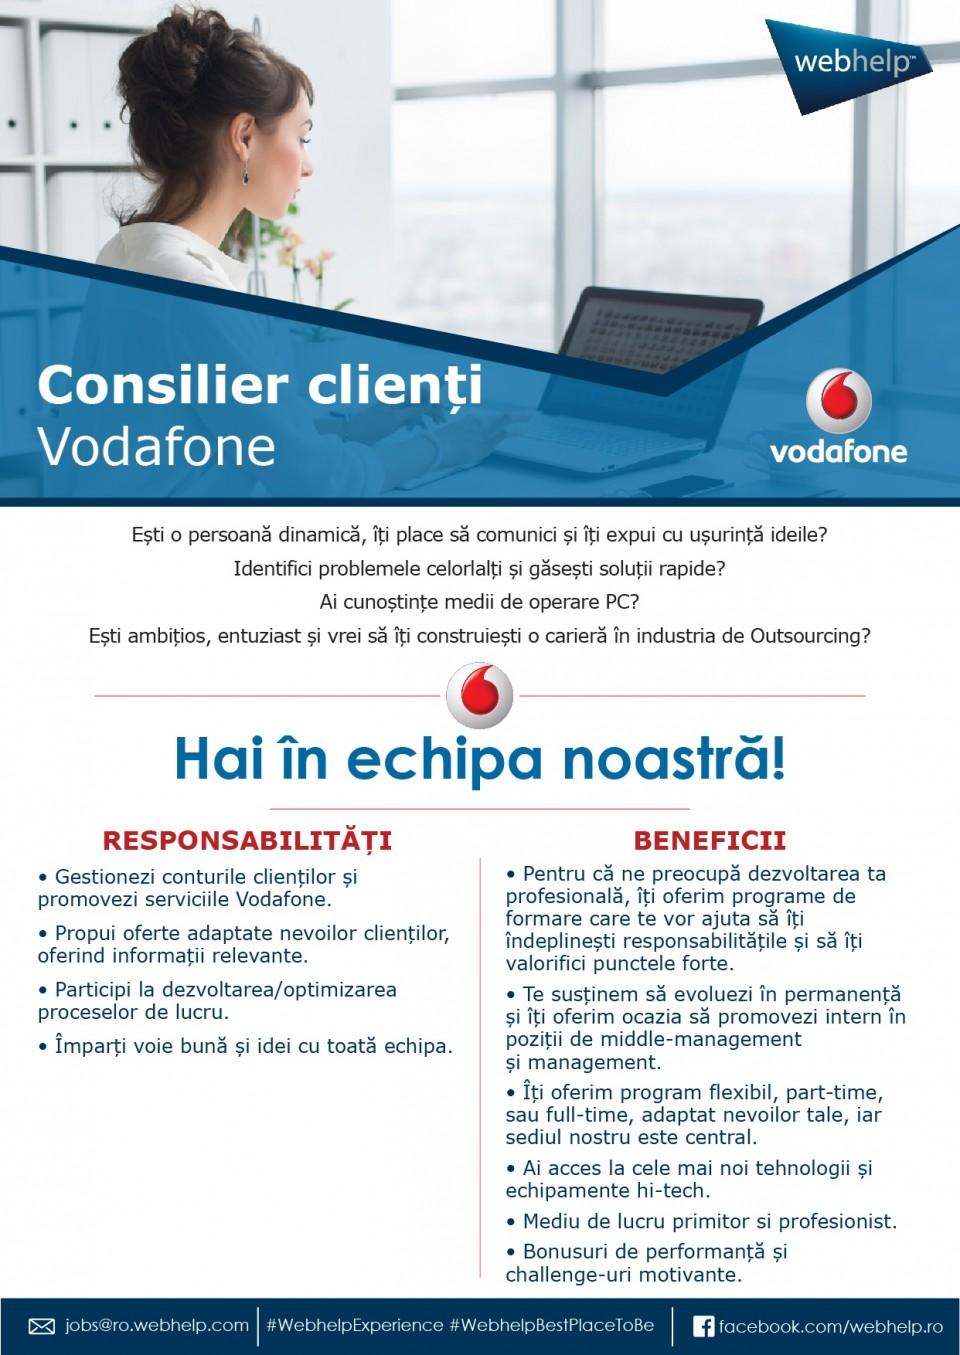 Consilier clienti Vodafone estio o persoana dinamica, iti place sa comunici si iti expui cu usurinta ideile? ai cunsotinte medii de operare PC? ambitios, entuziast gestionezi conturile clientilor si promovezi serviciile Vodafone propui oferte adaptate nevoilor clientilor oferind informatii relevante DESCRIPTION DE L'ENTREPRISE :Webhelp est un leader mondial de l'expérience client et de l'externalisation des processus métier (BPO) spécialisé dans les interactions entre les entreprises et leurs clients - pour une expérience client convaincante dans tous les canaux. Une partie du portefeuille d'externalisation de Webhelp est en outre des services dans les domaines du traitement des paiements, de la distribution et du marketing.Plus de 35 000 collaborateurs sur plus de 100 sites dans 28 pays travaillent à l'amélioration permanente des relations avec la clientèle en appliquant des concepts omnidirectionnels basés sur la technologie et aidant ainsi les clients à accroître durablement leurs résultats. Les marques comme Sky, Shop Direct, Bouygues, Direct Energie, KPN, Vodafone, La Redoute, Michael Kors, Valentino font confiance à Webhelp depuis des années et à travers les frontières géographiquesBasée à Paris, la société a augmenté son chiffre d'affaires de plus de 250% au cours des 4 dernières années, en investissant dans ses employés, dans l'environnement de travail et en développant ses capacités analytiques et opérationnelles pour proposer une solution transformationnelle d'outsourcing répondant aux défis d'un monde omni-canal. Depuis mars 2016, l'investisseur financier KKR détient une participation dans Webhelp.Pour de plus amples informations, consulter le site www.webhelp.com.